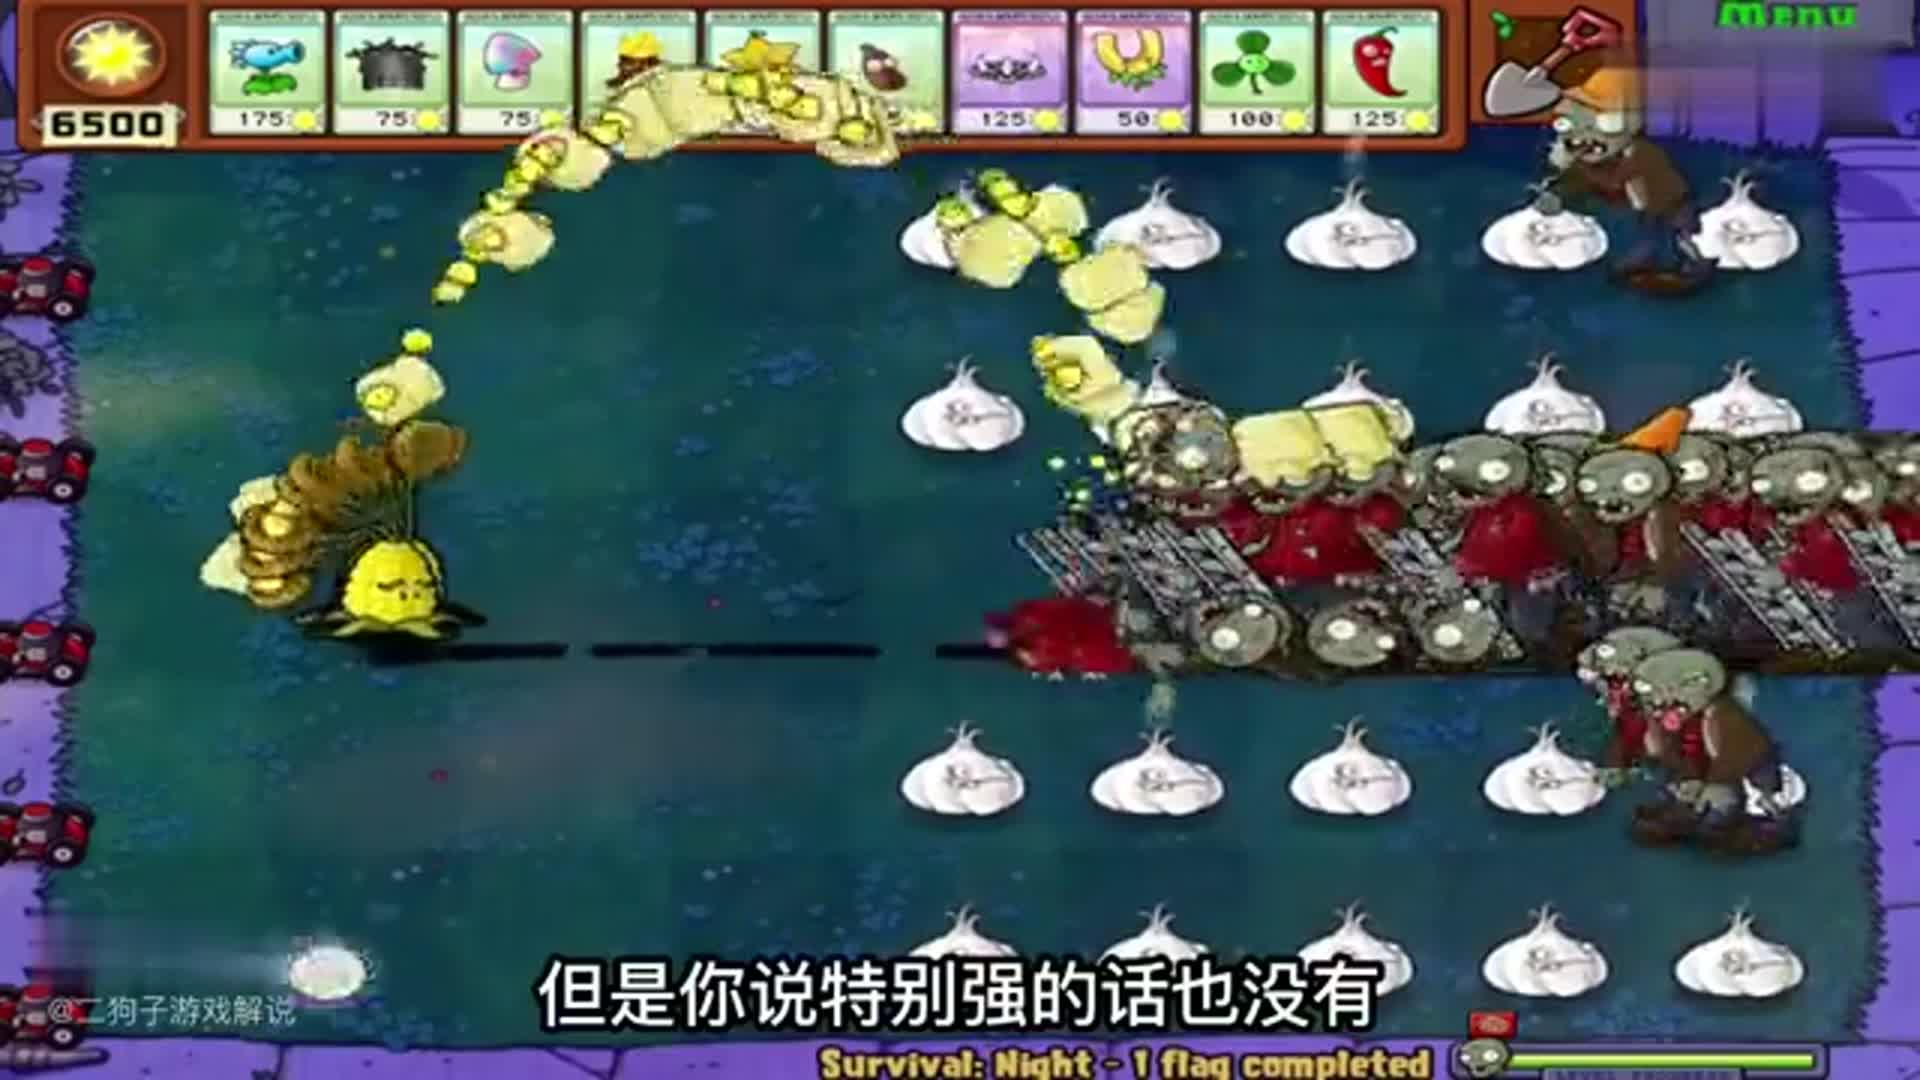 植物大战僵尸:玉米投手对战博士,僵尸博士这种被秒了